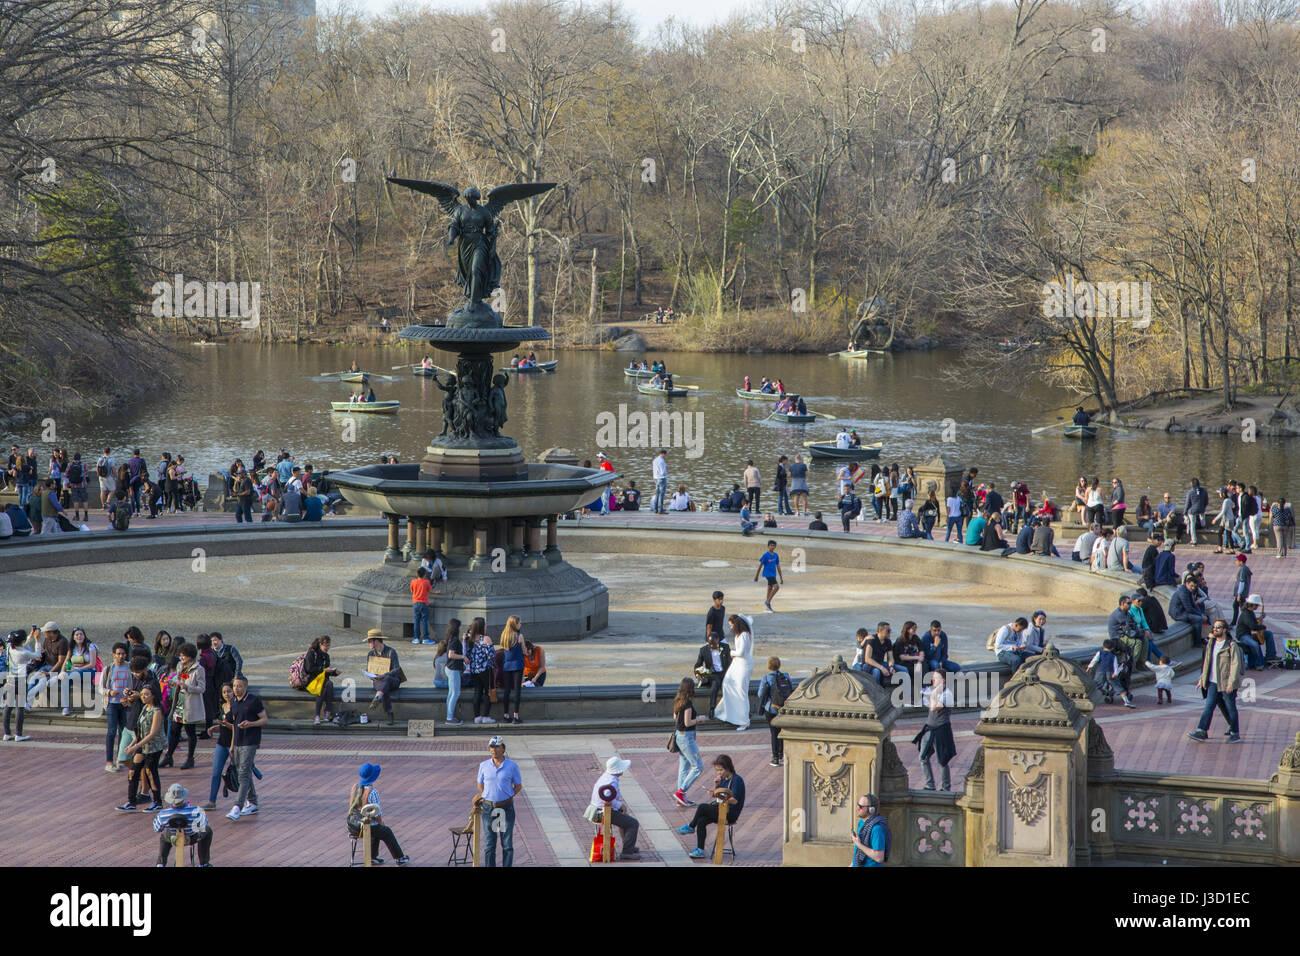 Bethesda Terrasse und Brunnen mit Blick auf den See im Central Park in New York City. Stockfoto